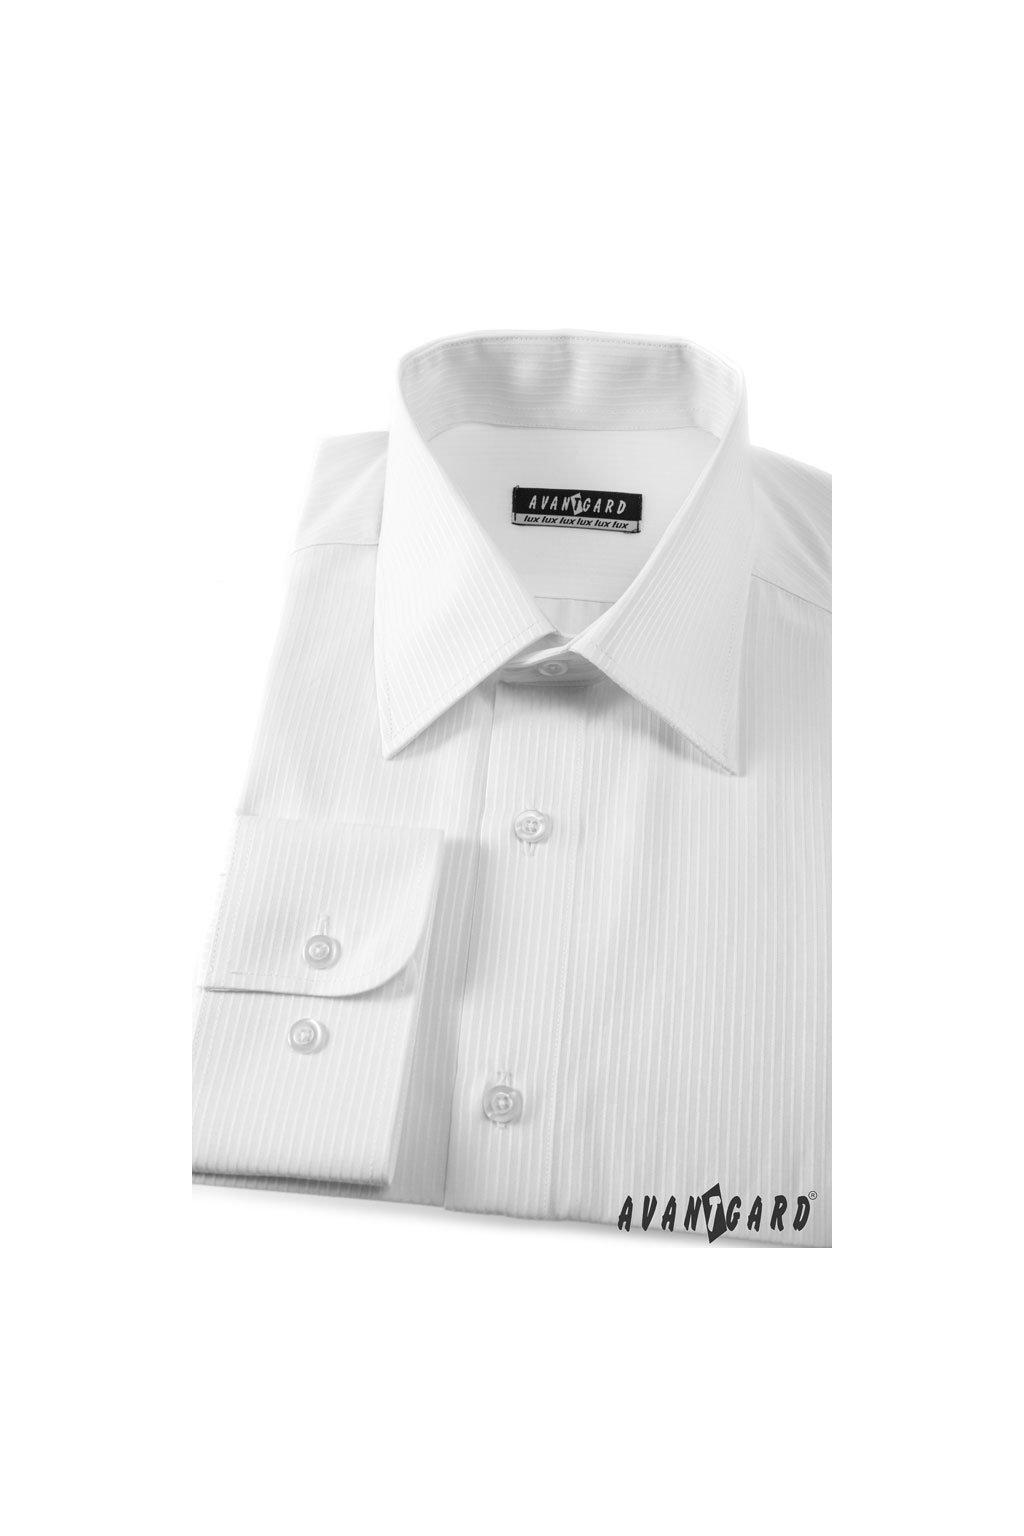 Pánská košile KLASIK bílá 527 - 2111